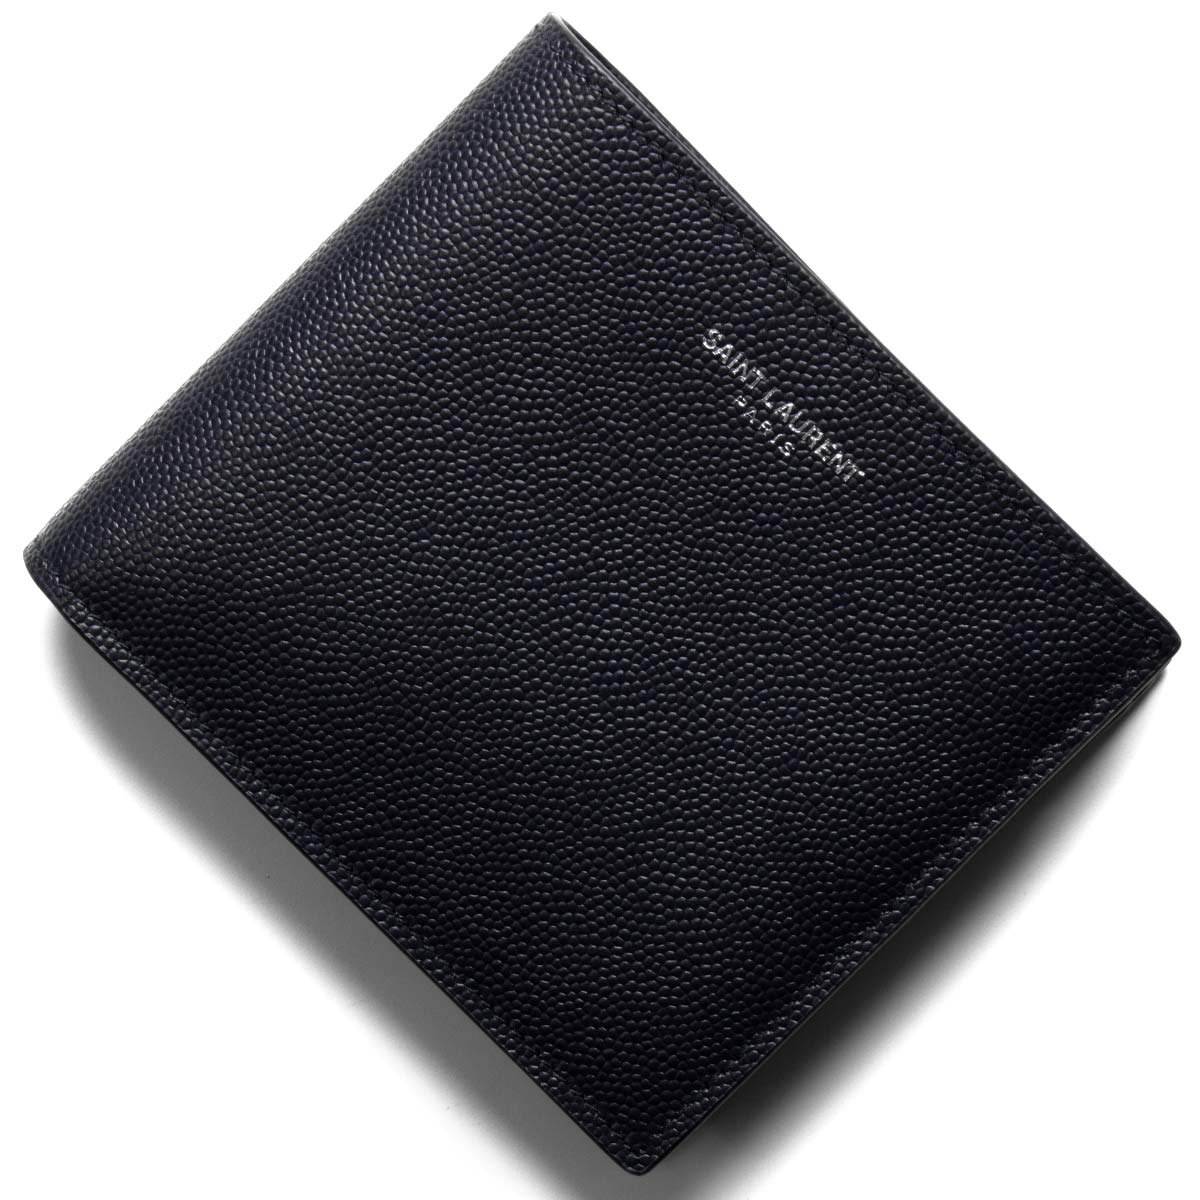 52a7da62c22e サンローランパリ イヴサンローラン 二つ折り財布 財布 メンズ ...